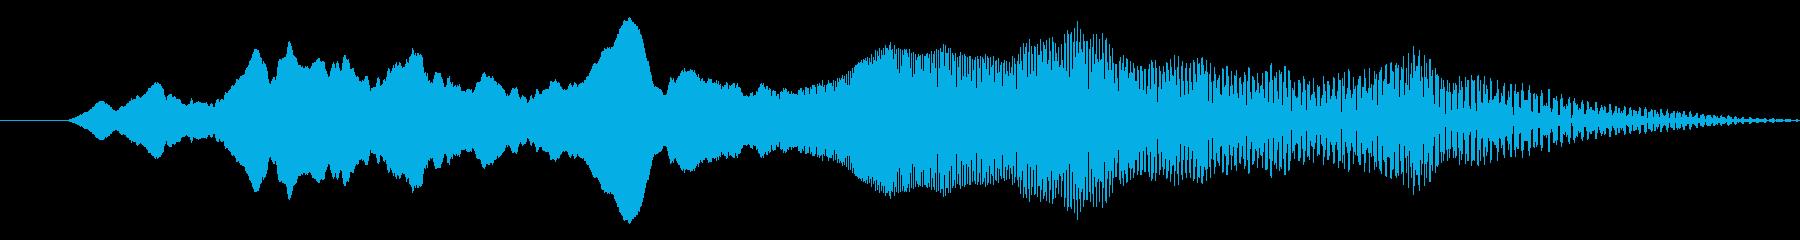 落下 ワープ 落ちる ポップ デジタルの再生済みの波形